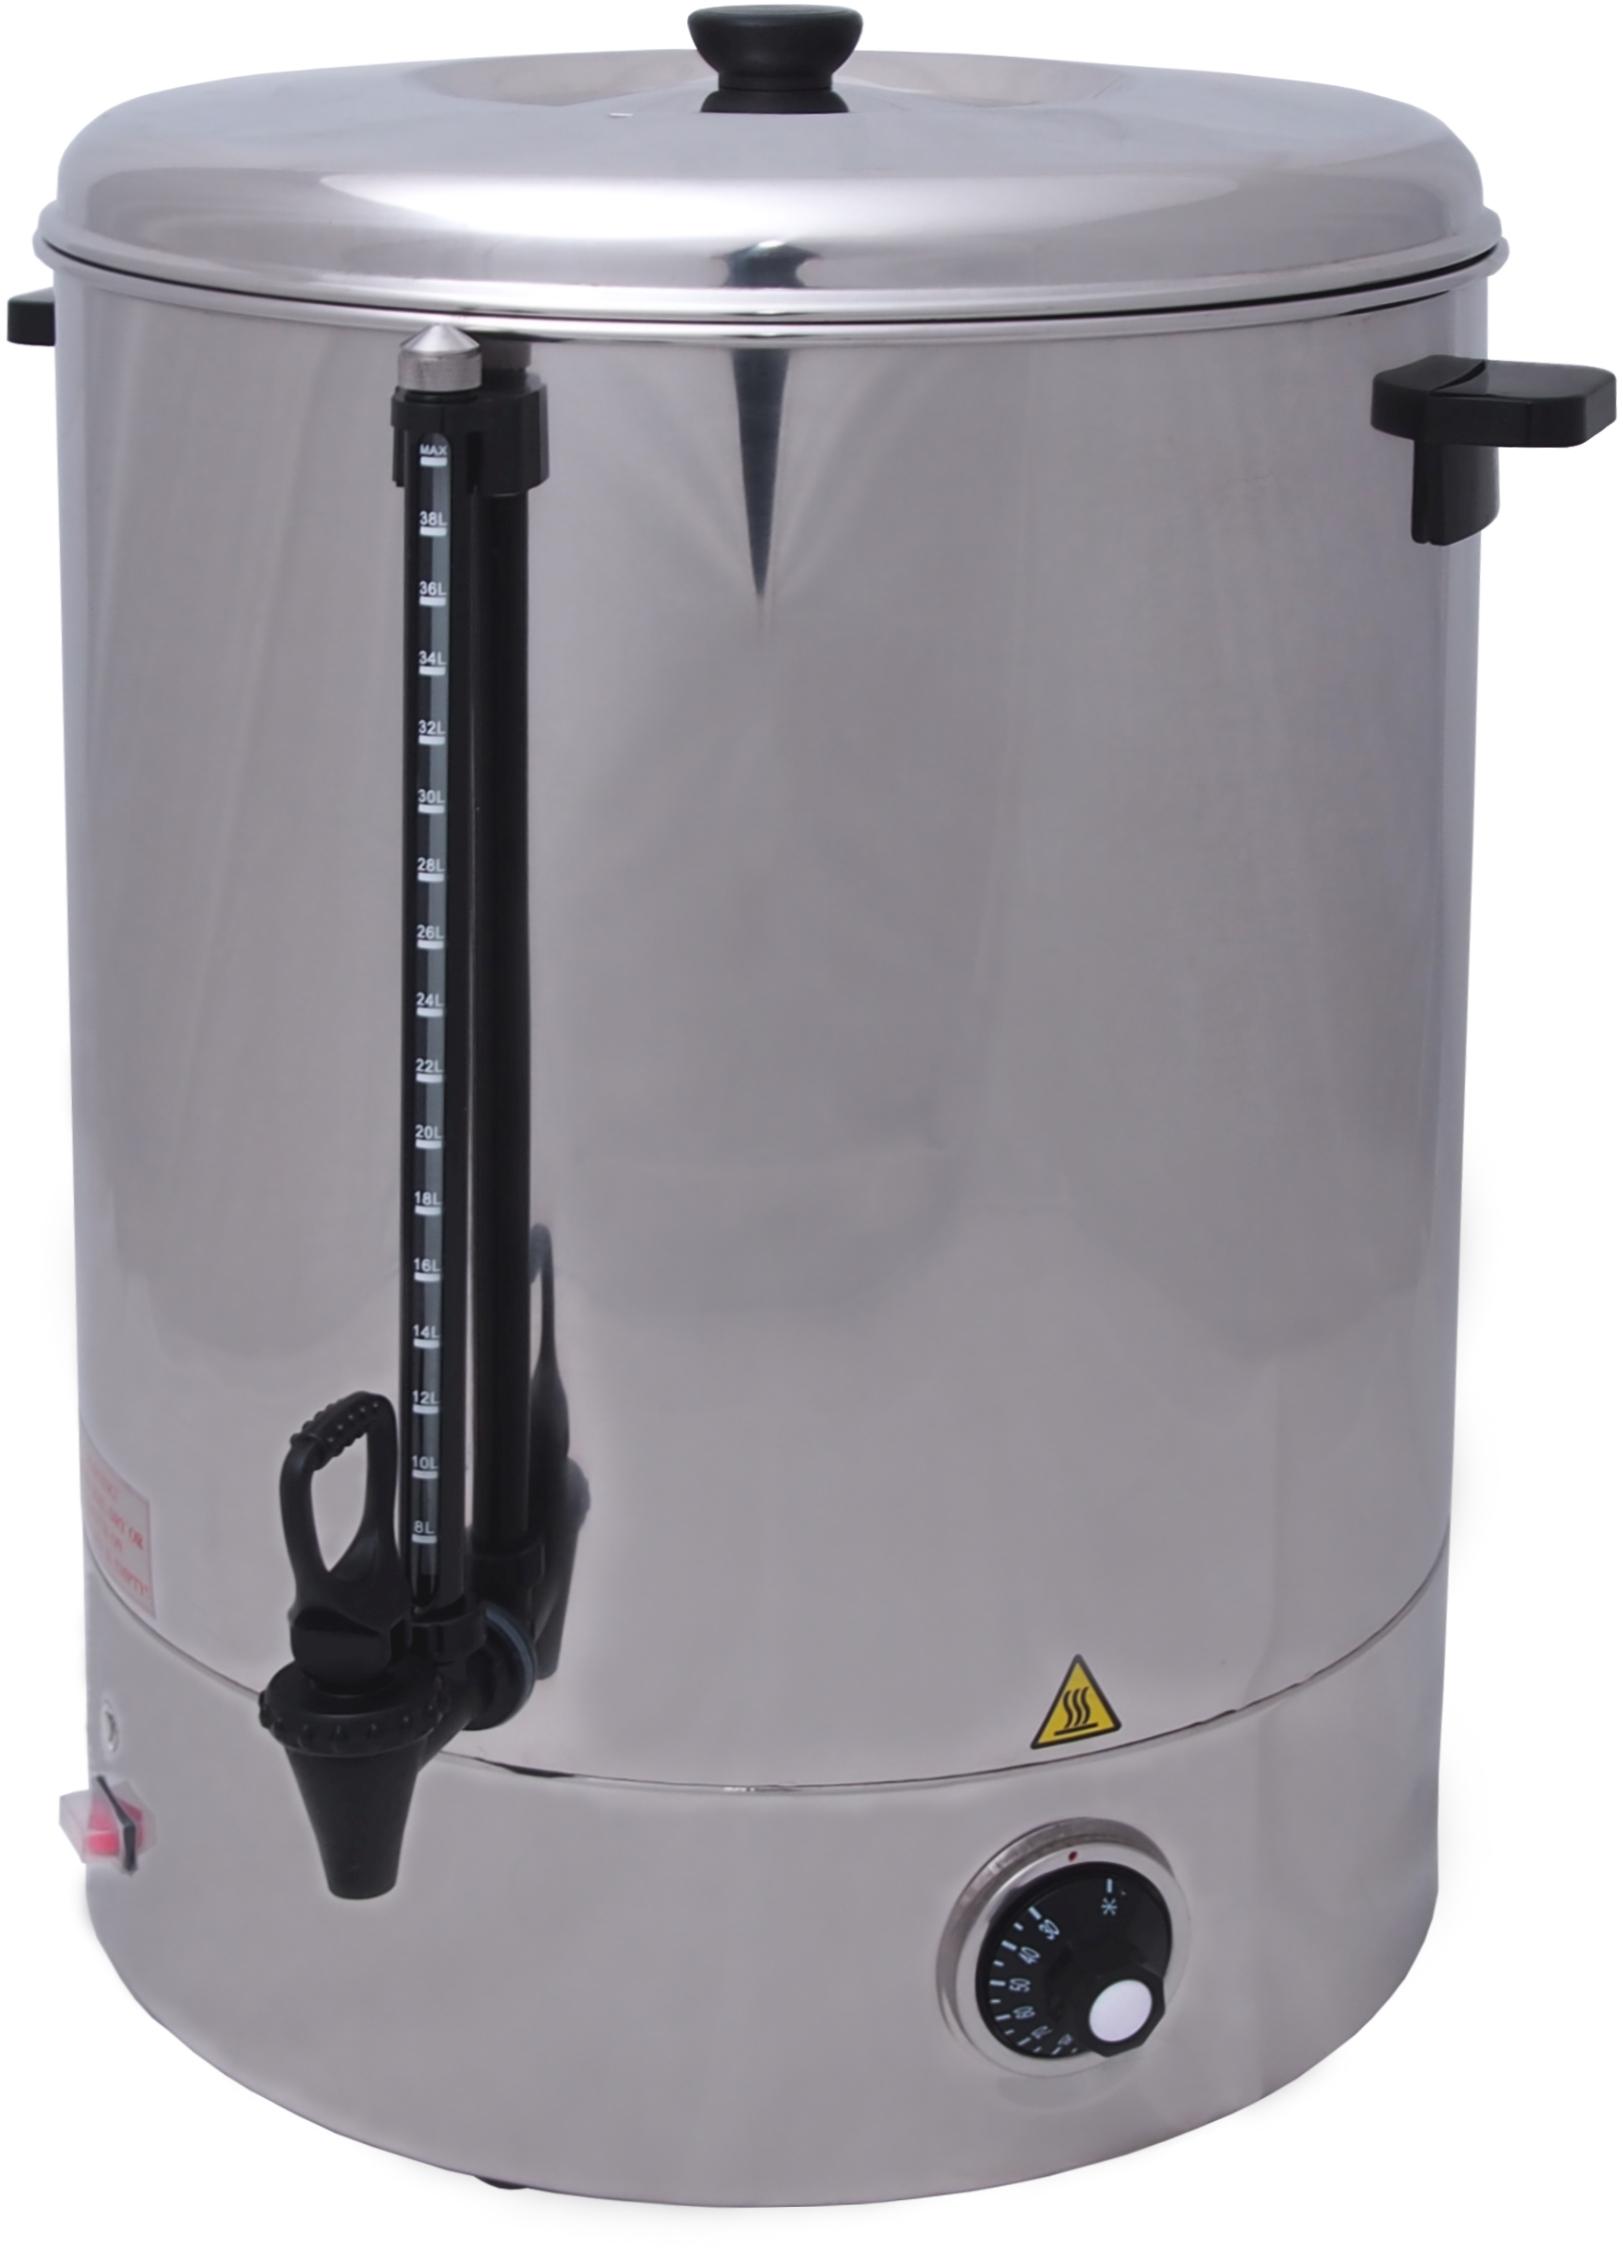 Water Boiler Model ~ Water and wine boiler model hot drink maxi saro